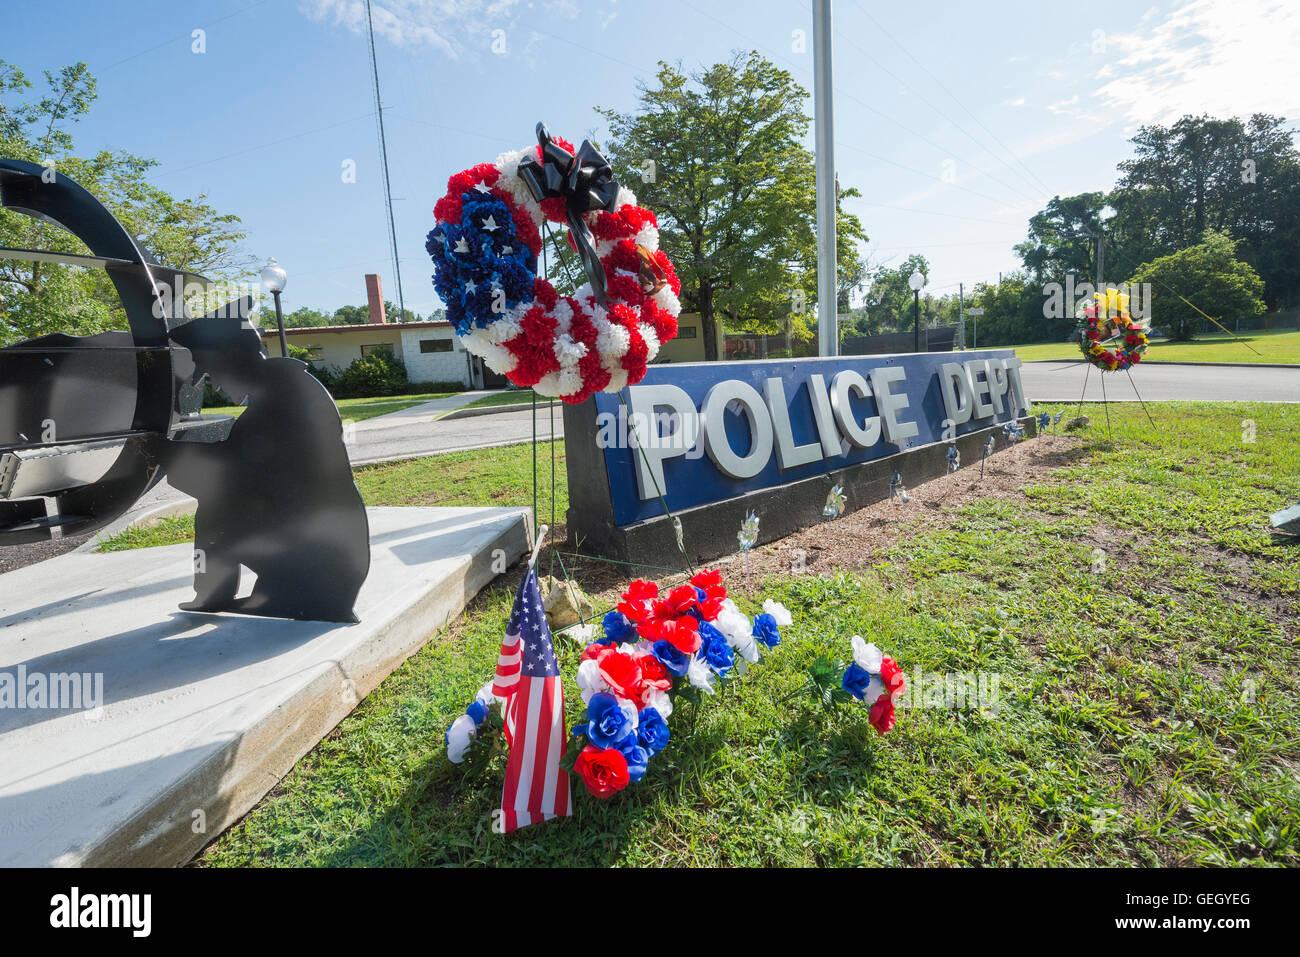 Springs, Florida alta comisaría con motivos florales de apoyo y simpatía de policías caídos. Imagen De Stock